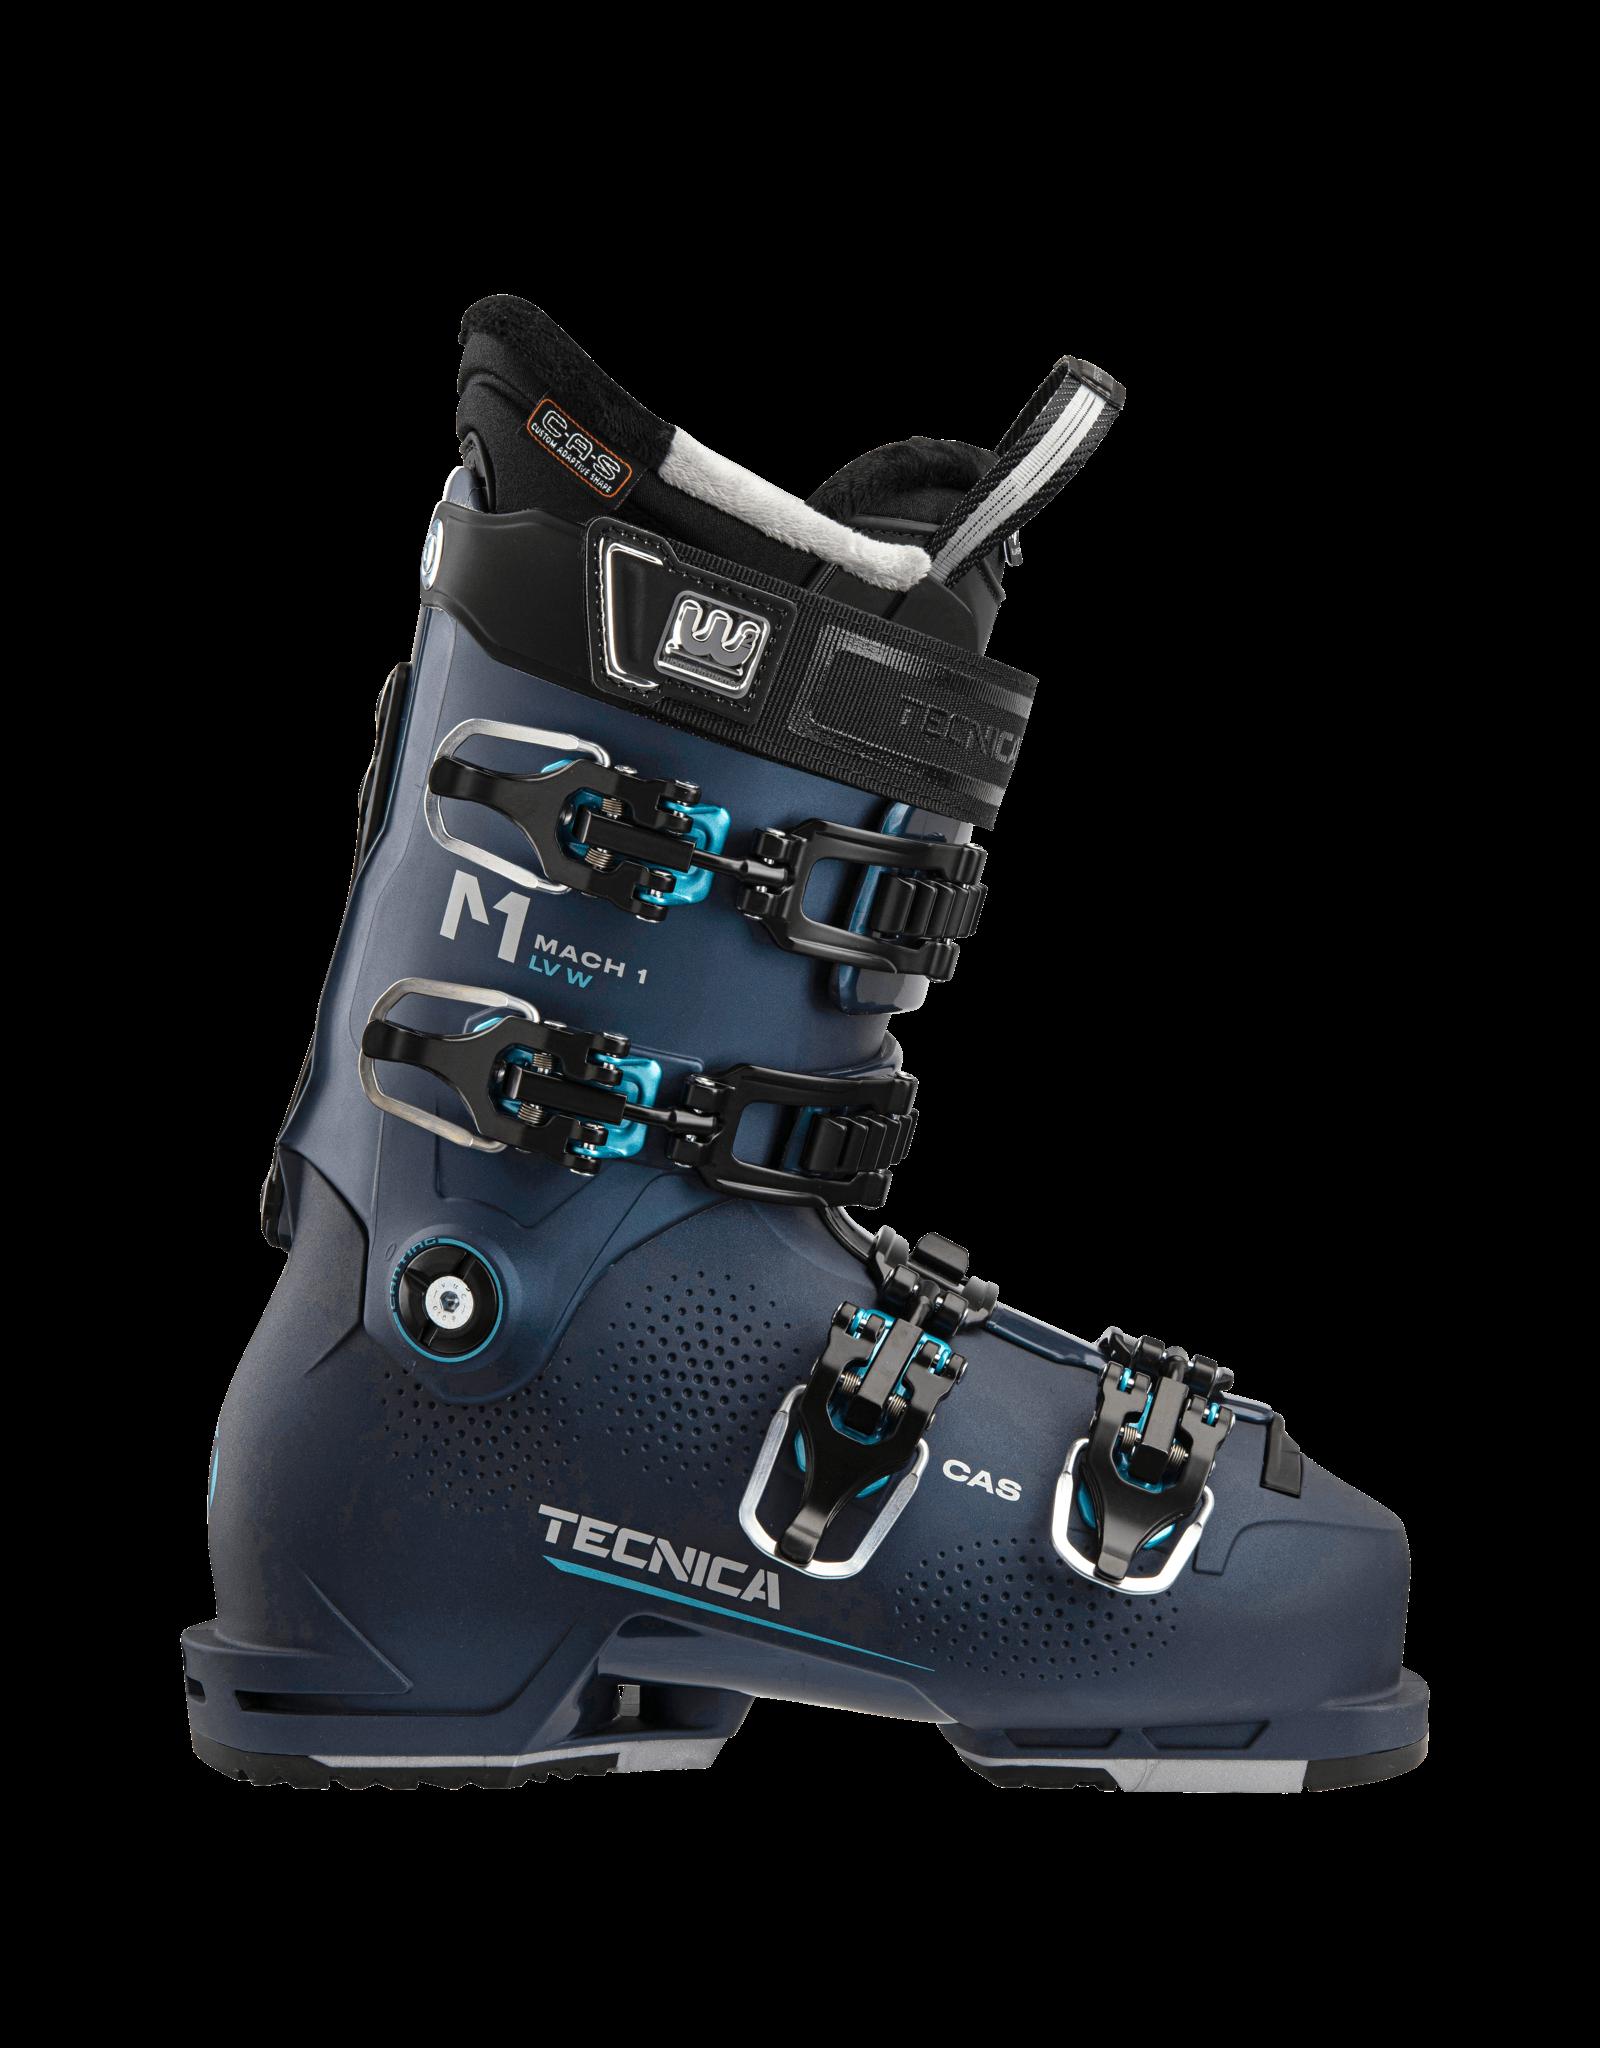 Tecnica MACH1 LV 105 W TD BLUE NIGHT 2022